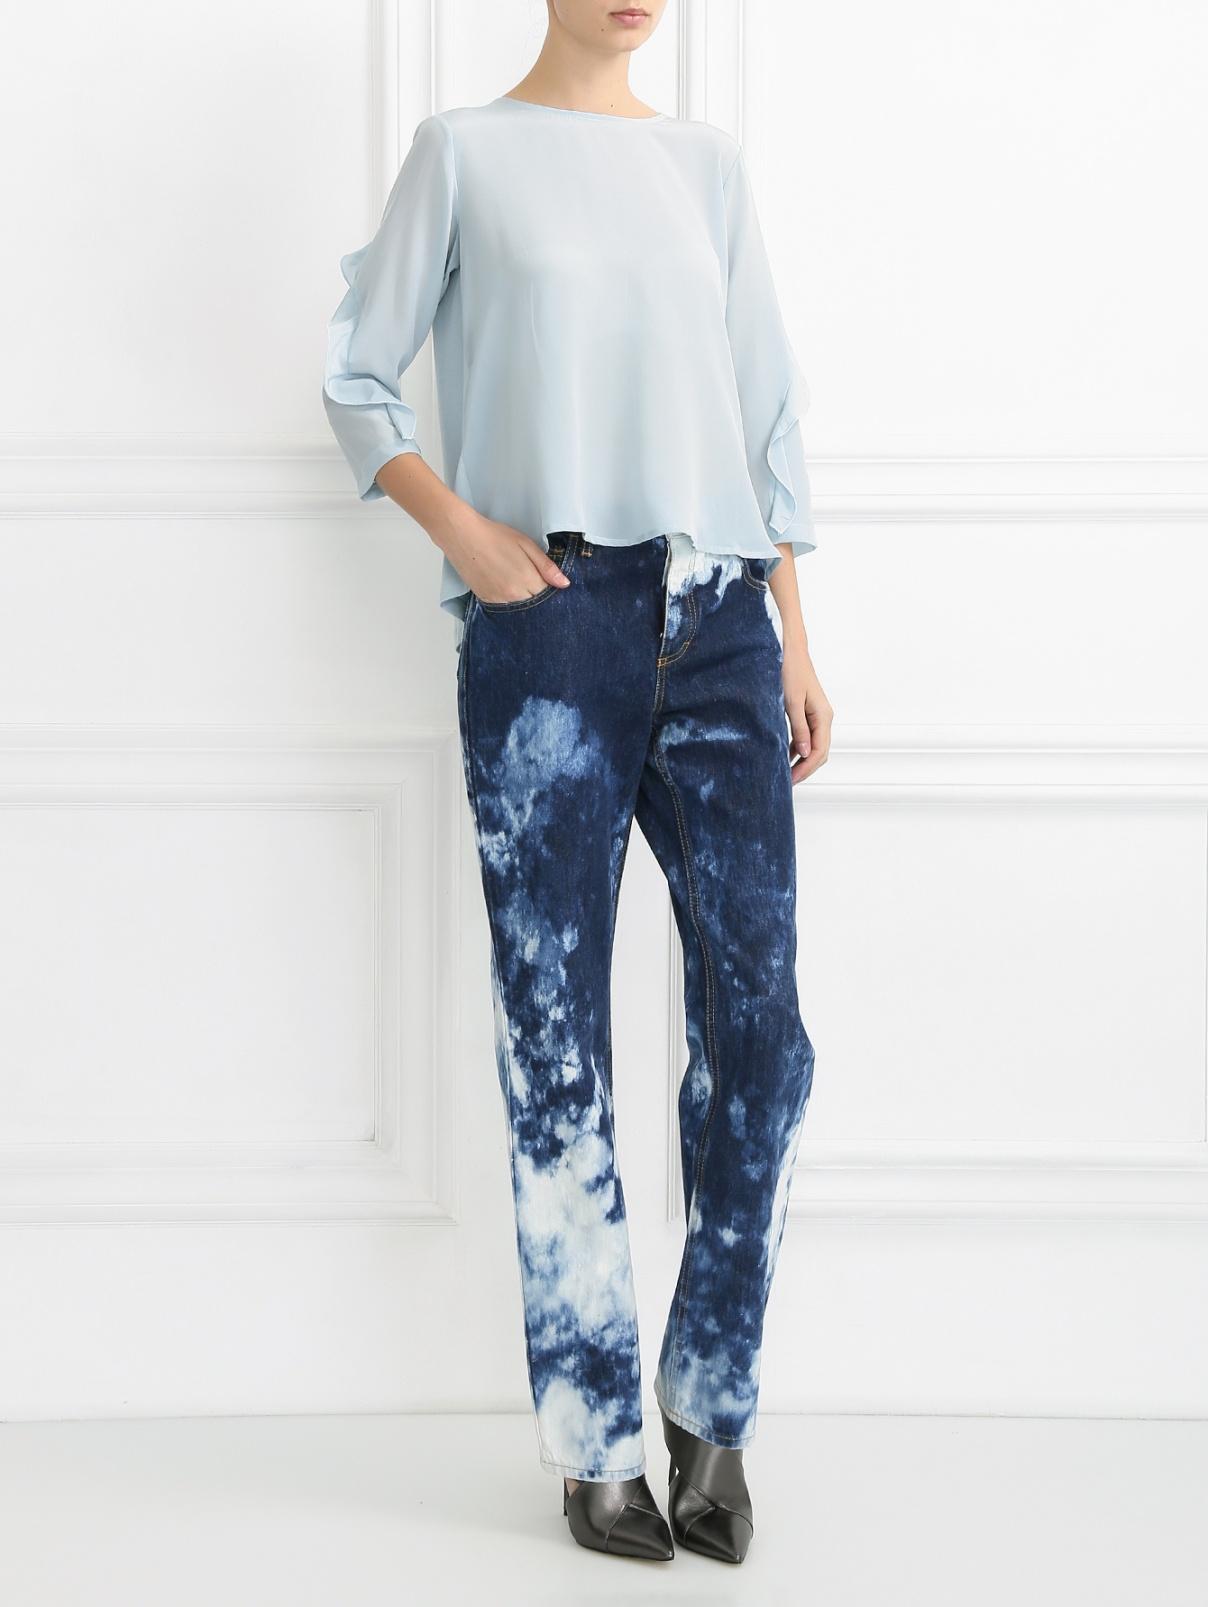 Свободные джинсы из вареного денима Au Jour Le Jour  –  Модель Общий вид  – Цвет:  Синий